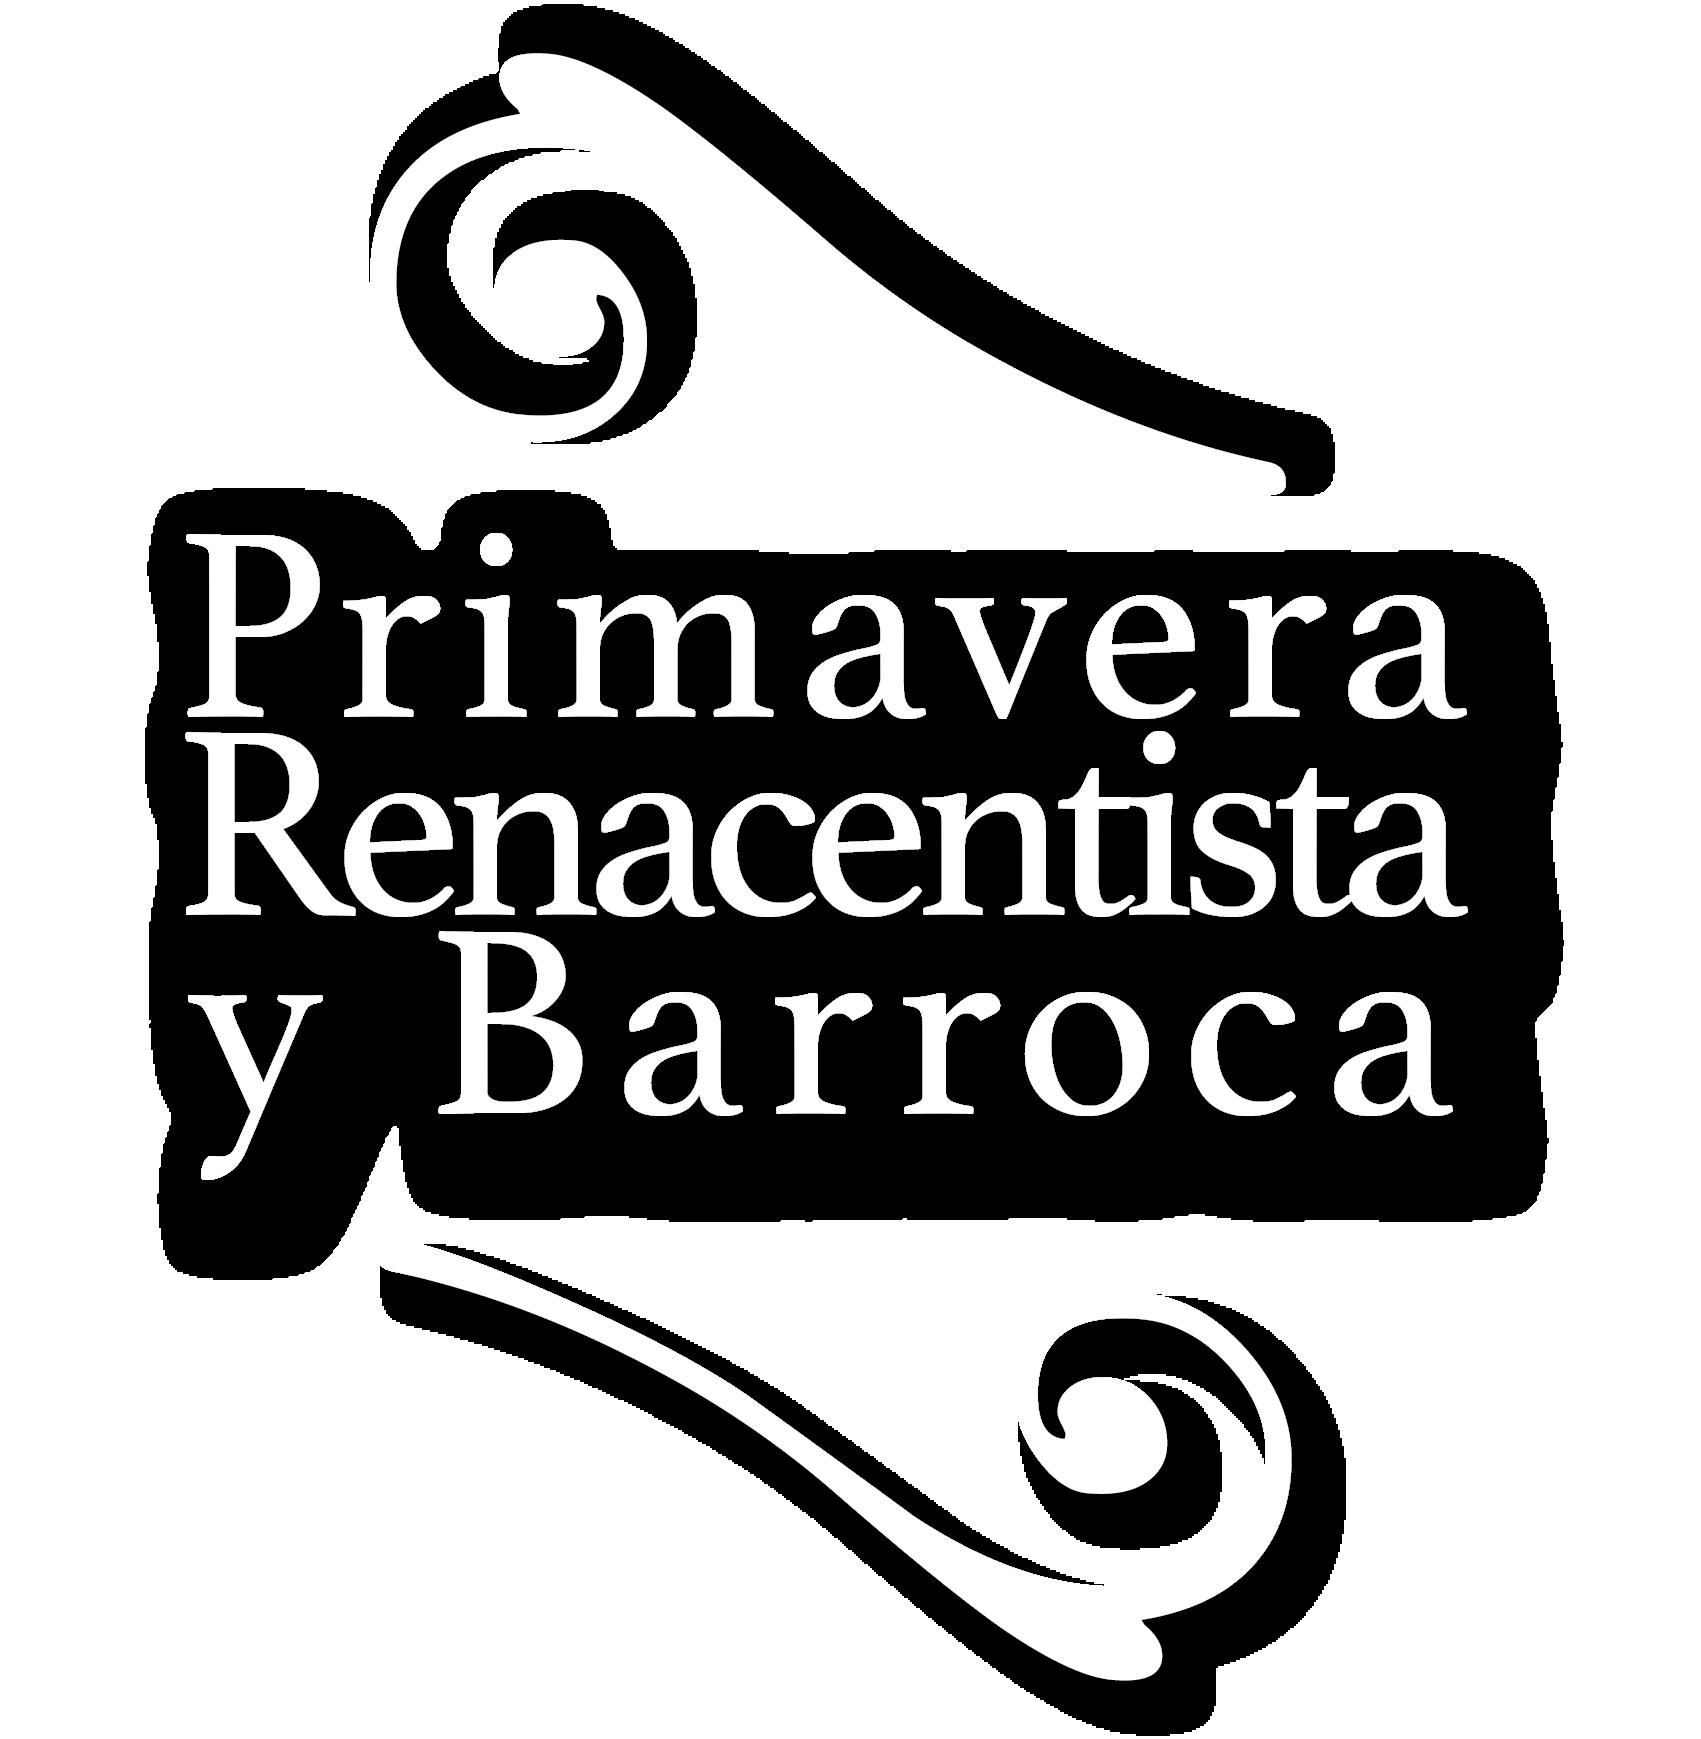 Primavera Renacentista y Barroca